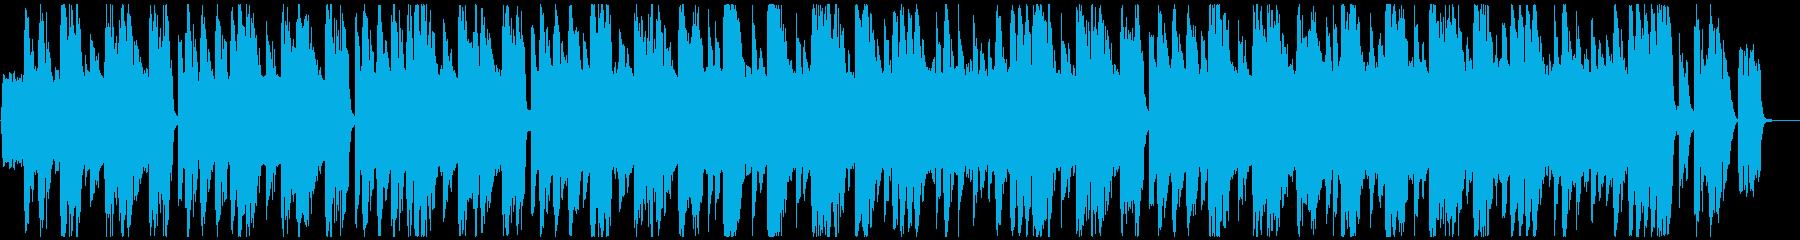 テンション高めなエリーゼのために-30秒の再生済みの波形